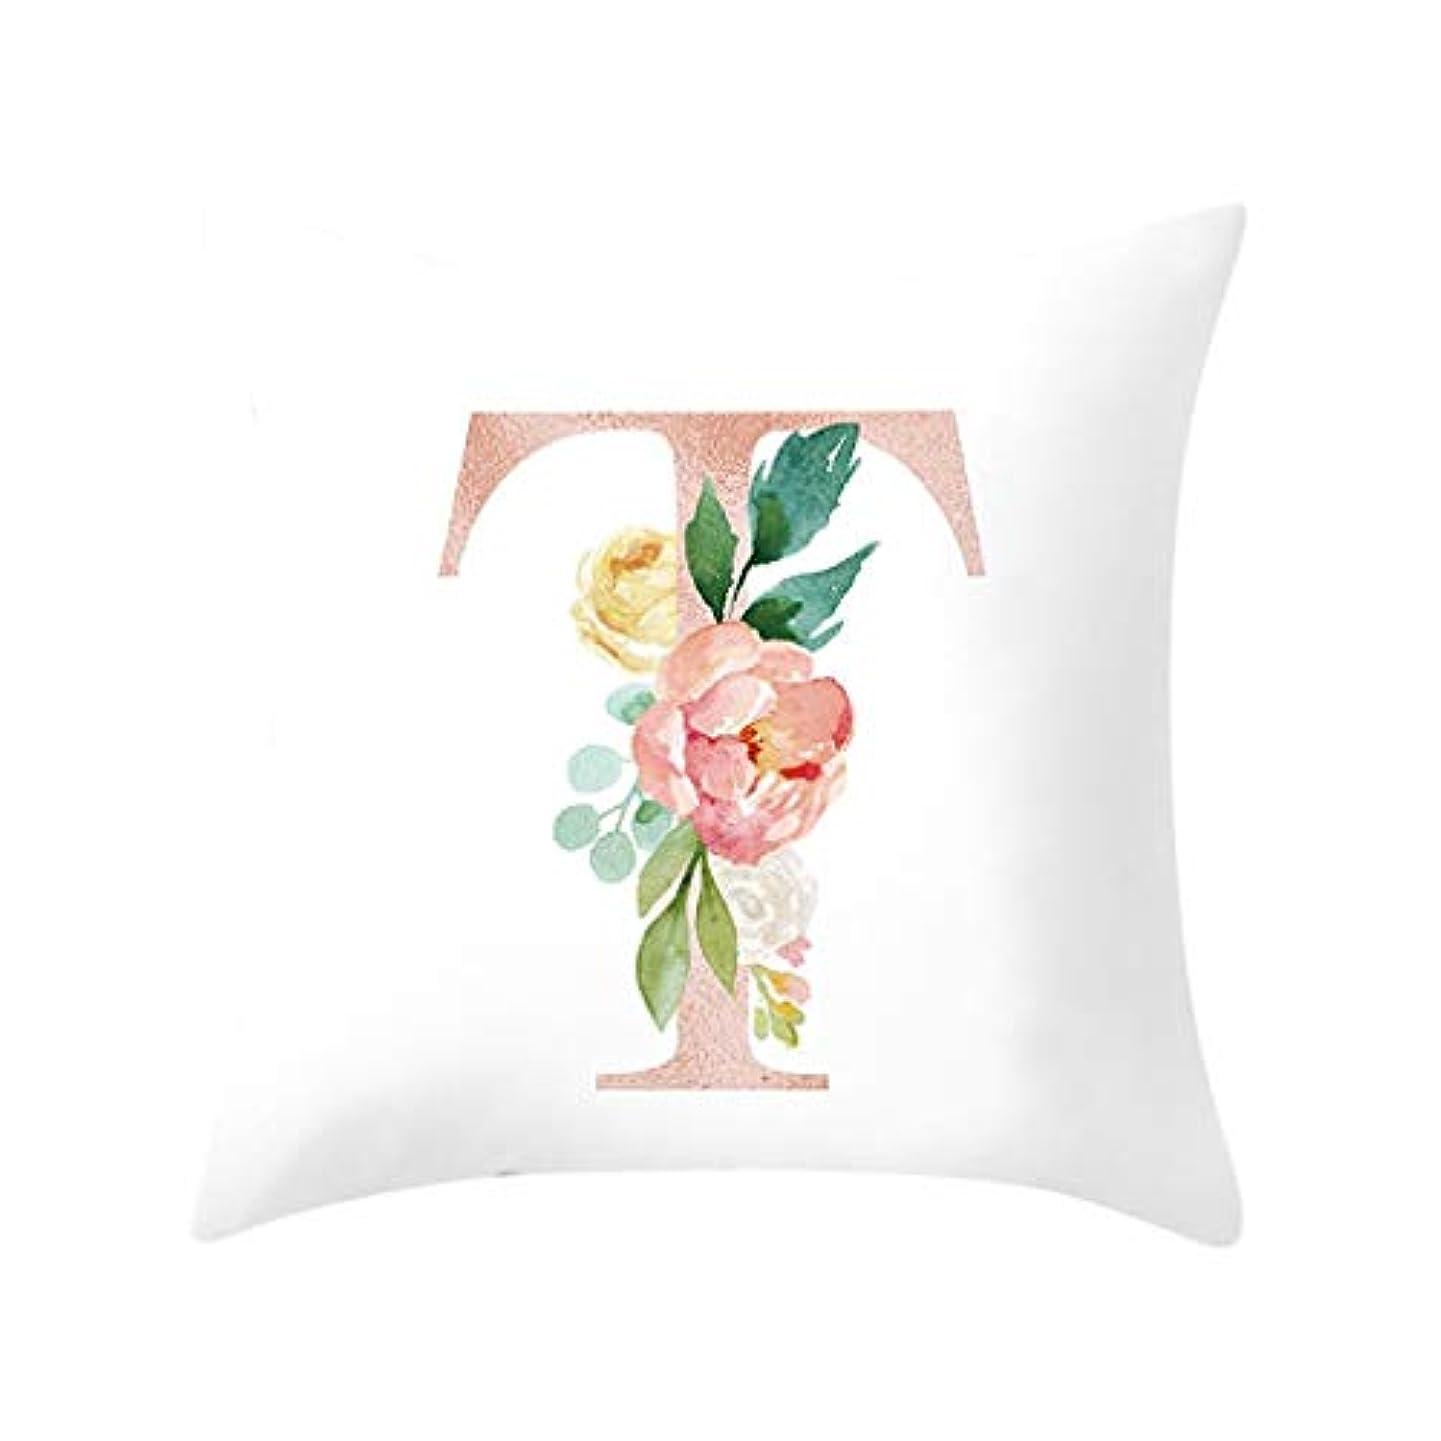 許される美人テスピアンLIFE 装飾クッションソファ手紙枕アルファベットクッション印刷ソファ家の装飾の花枕 coussin decoratif クッション 椅子